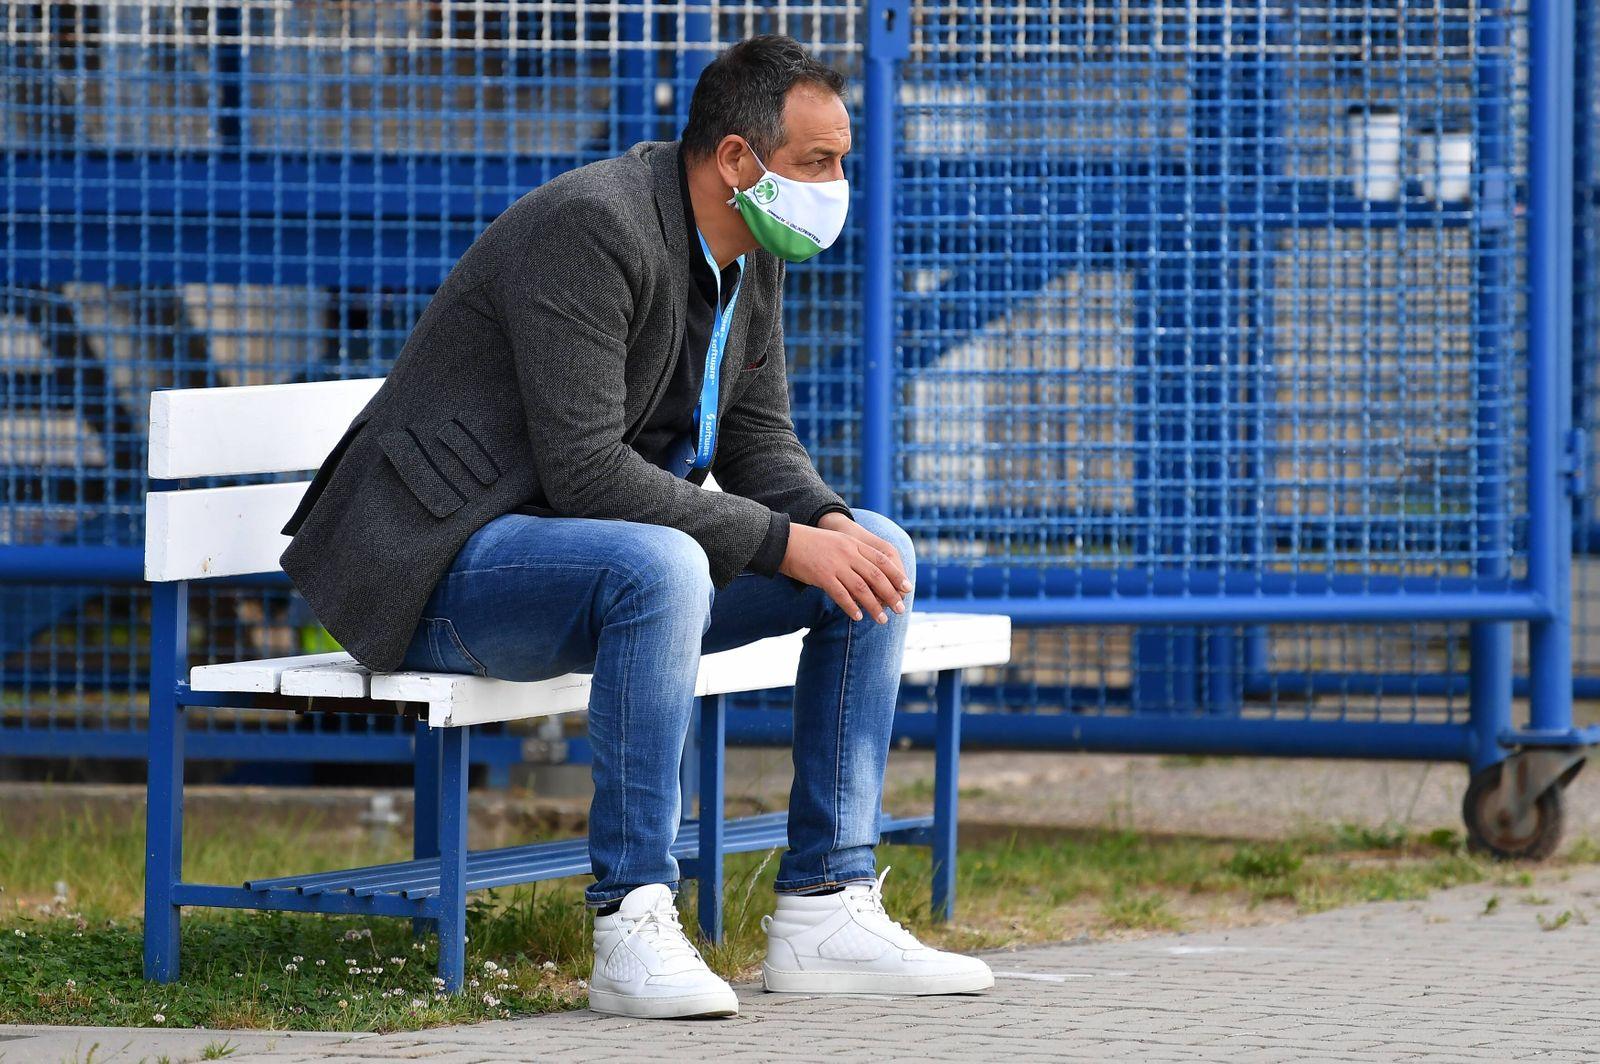 SV Darmstadt 98 - SpVgg Greuther Fuerth , 29.05.2020 29.05.2020 --- Fussball --- Saison 2019 2020 --- 2. Fussball - Bund